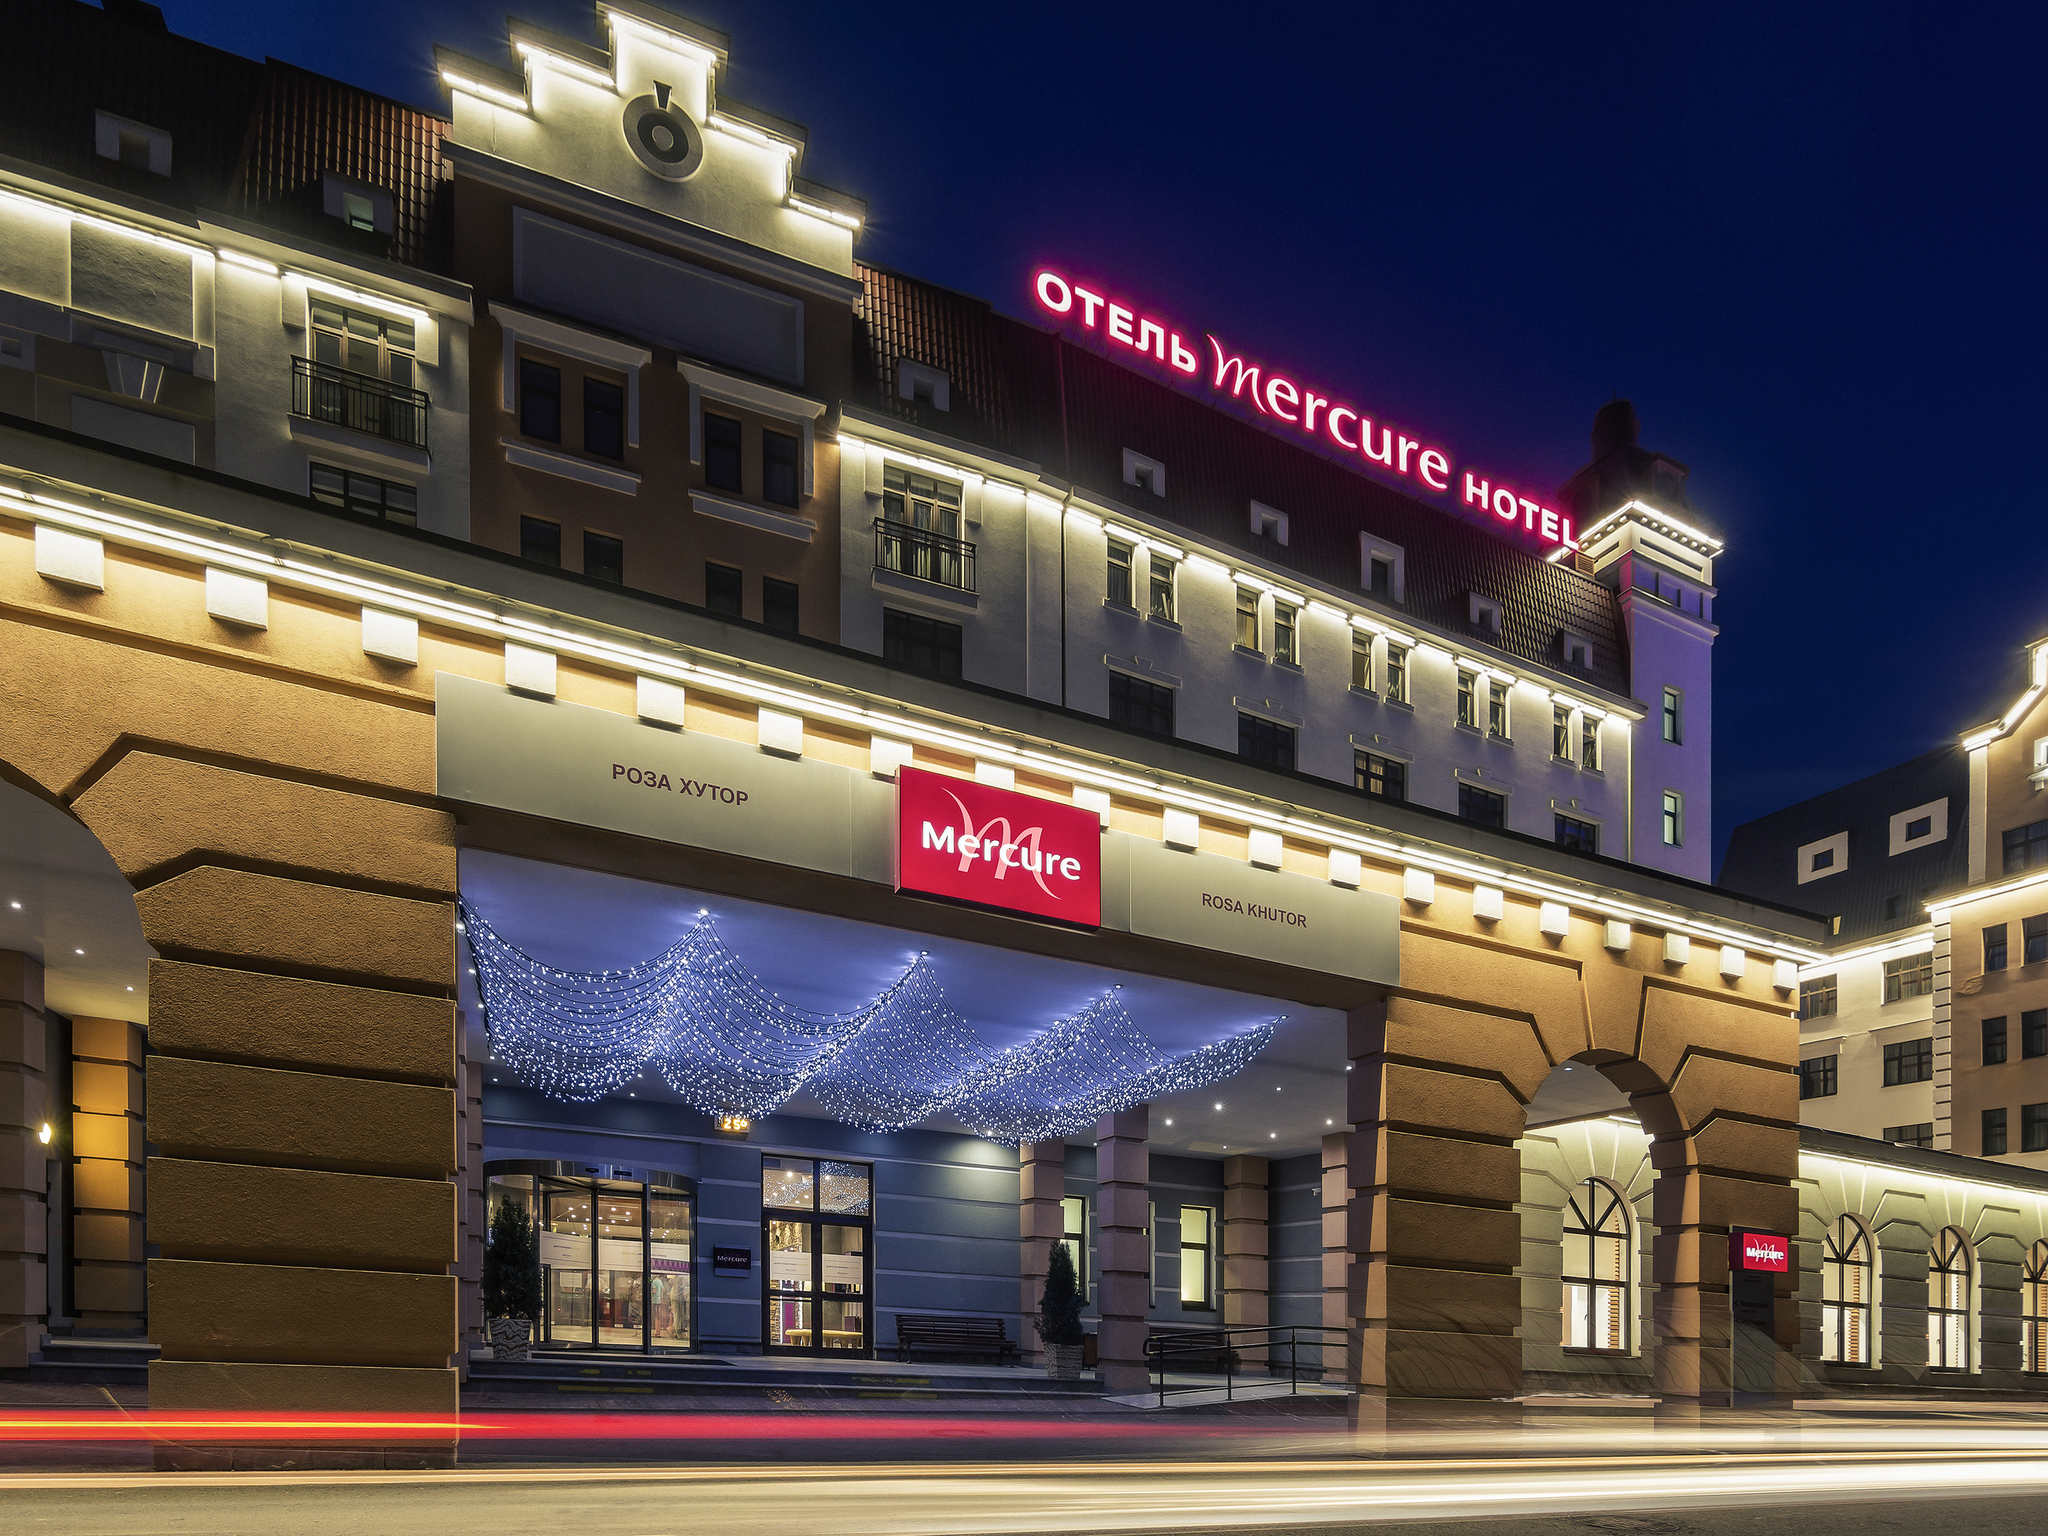 호텔 – 머큐어 로사 후토르 호텔